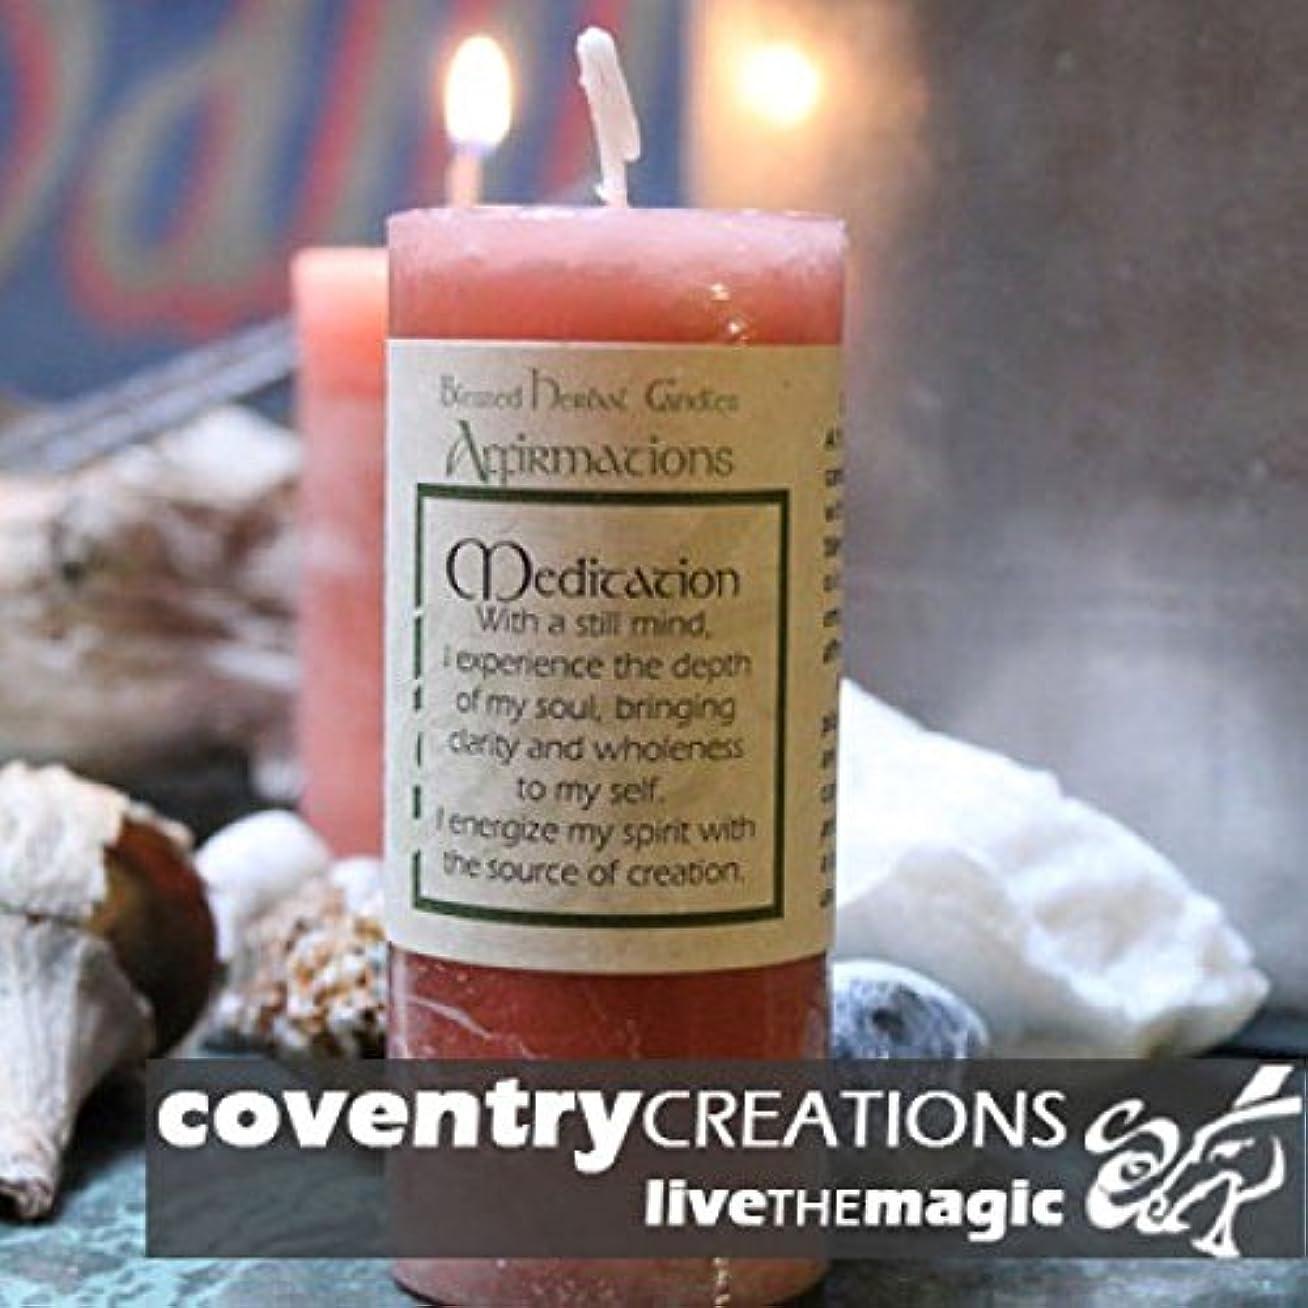 冬方法誘うAffirmation - Meditation Candle by Coventry Creations